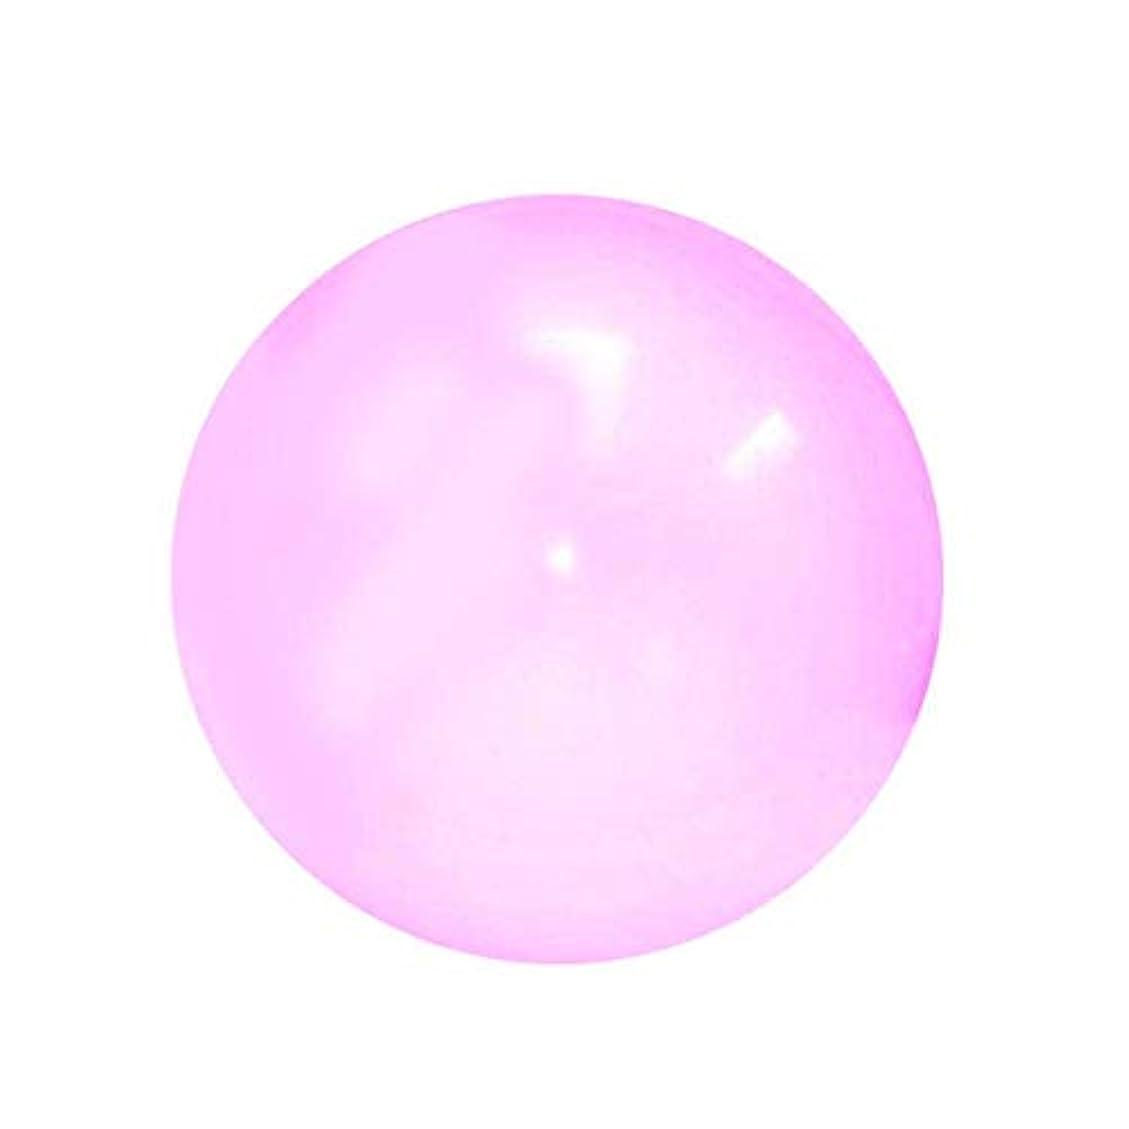 番号もちろん比べる特大インフレータブルボールおもちゃTPR透明ビーチバブルボール用スイミングプール夏のパーティーの装飾水風船キッズビーチバブルボール